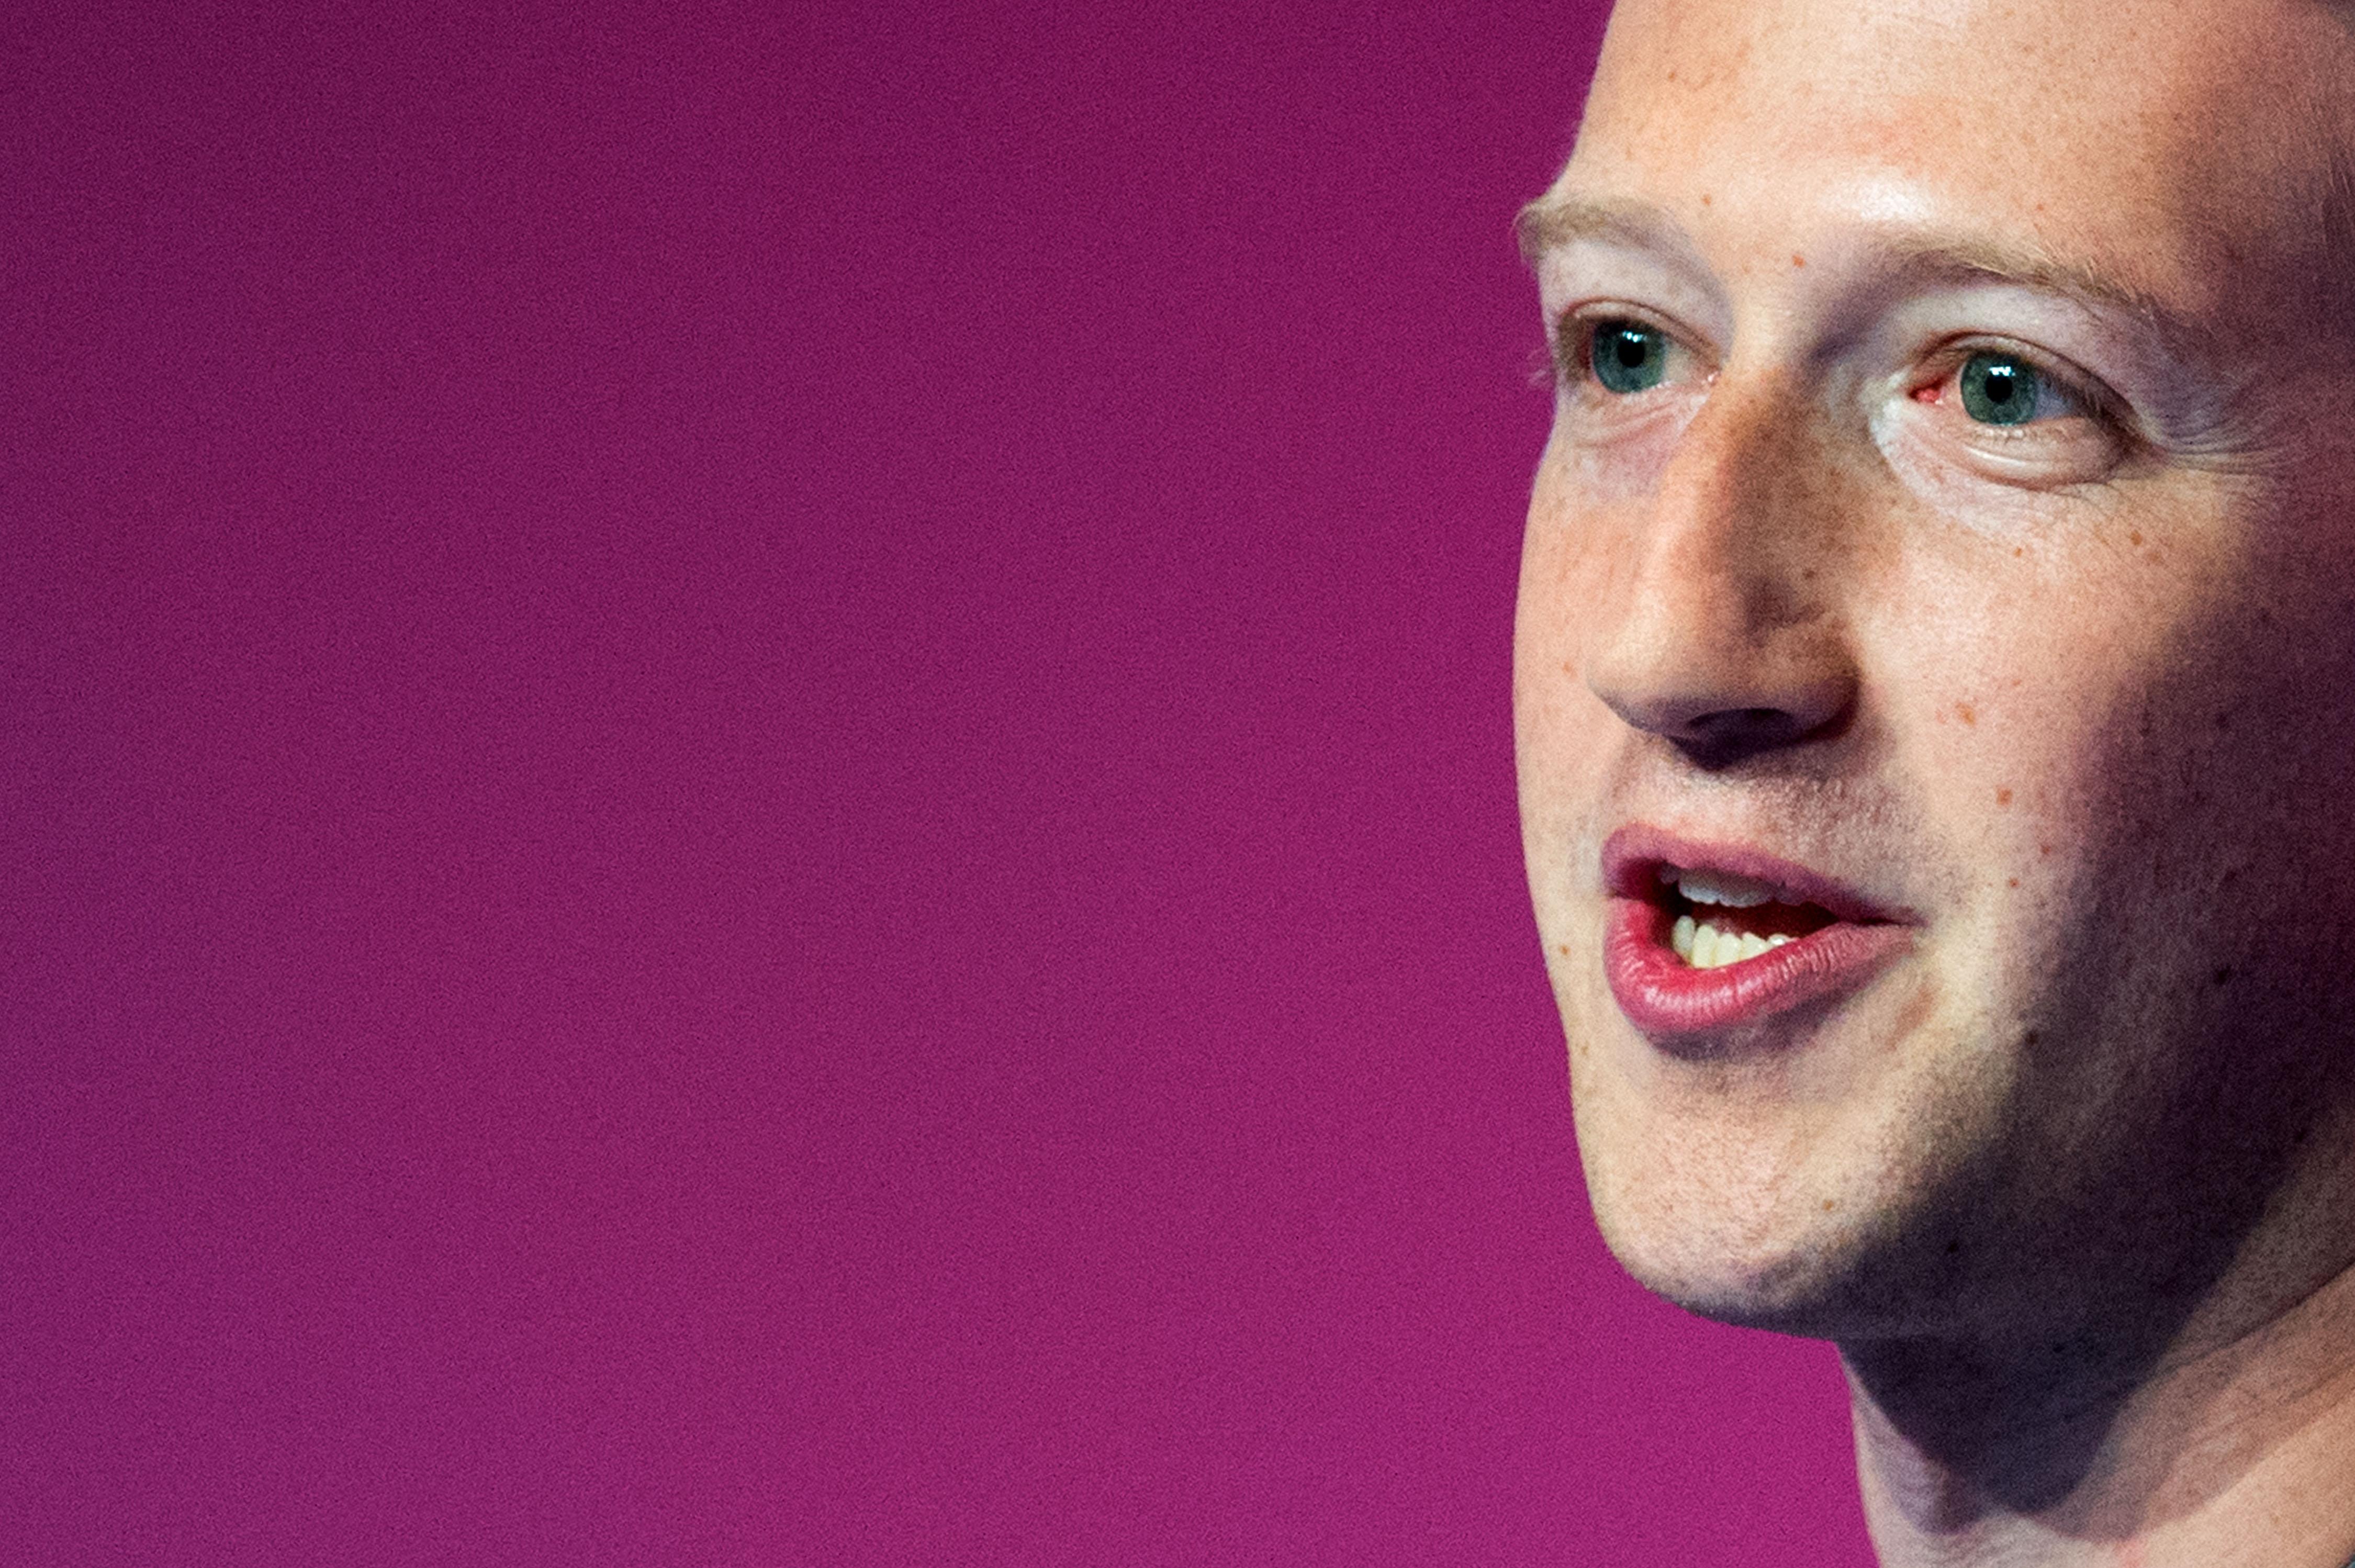 Mark Zuckerberg nekiáll megmenteni a globalizációt